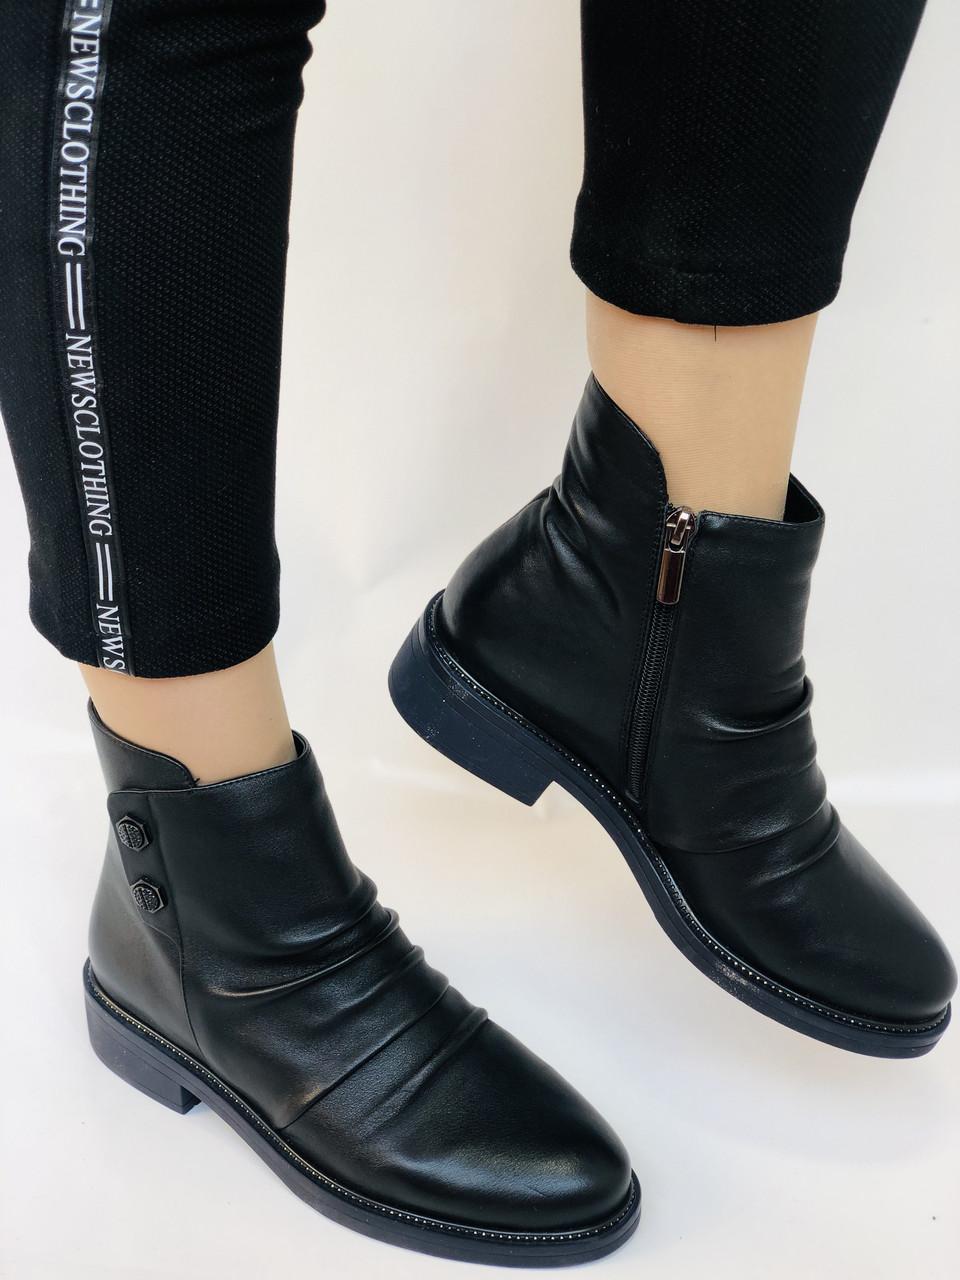 Женские ботинки. На маленьком каблуке. Натуральная кожа. Высокое качество. Molka.  Р. 35, 36, 39.40. Vellena